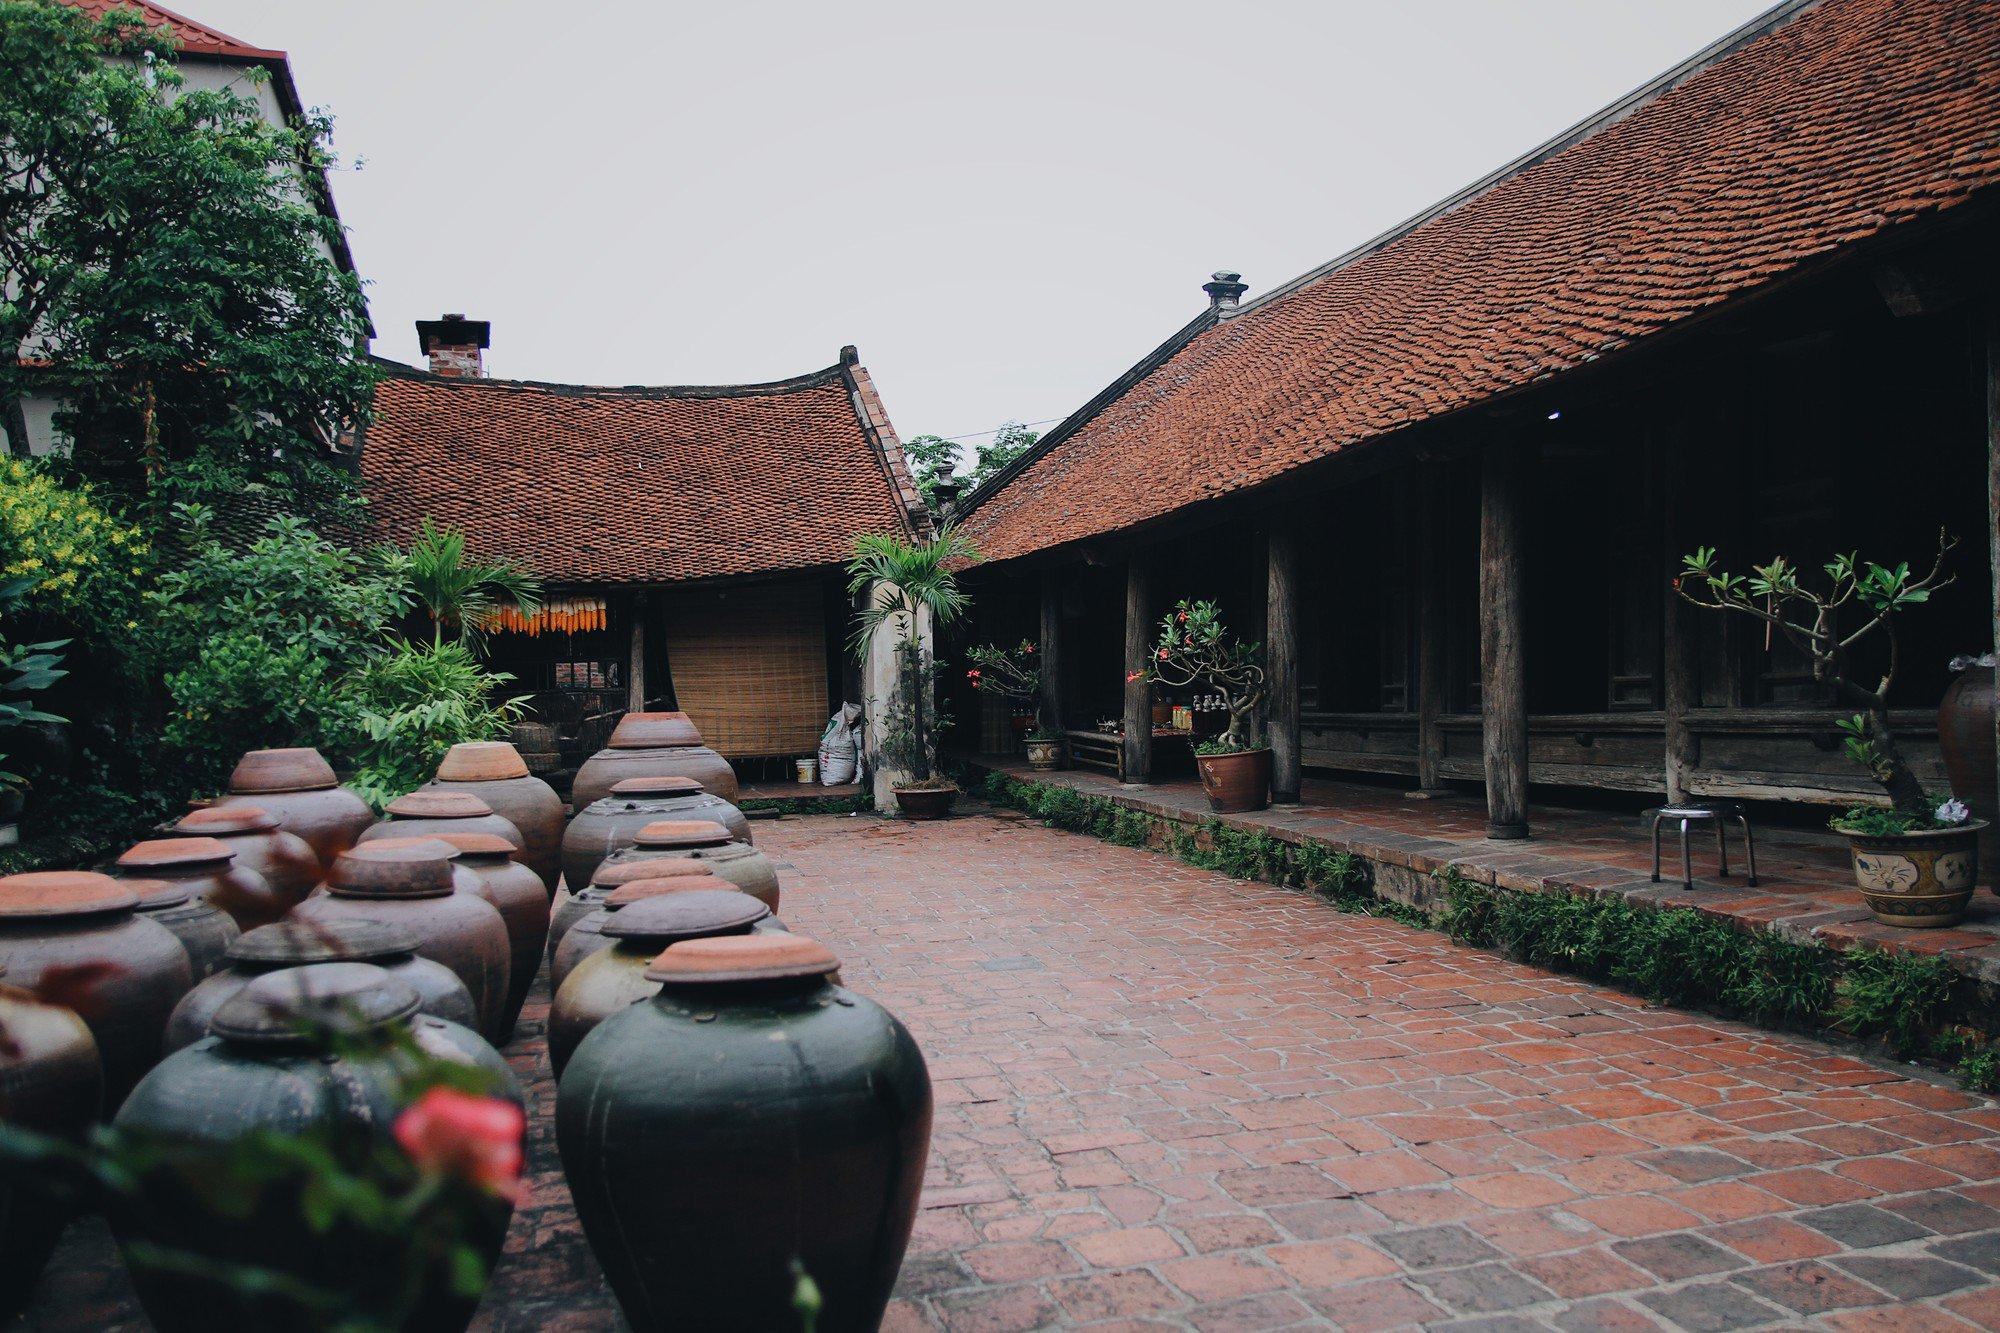 Căn nhà cổ của ông Hà Nguyên Huyến lại có khoảng sân rộng xếp đều tăm tắp các vại tương